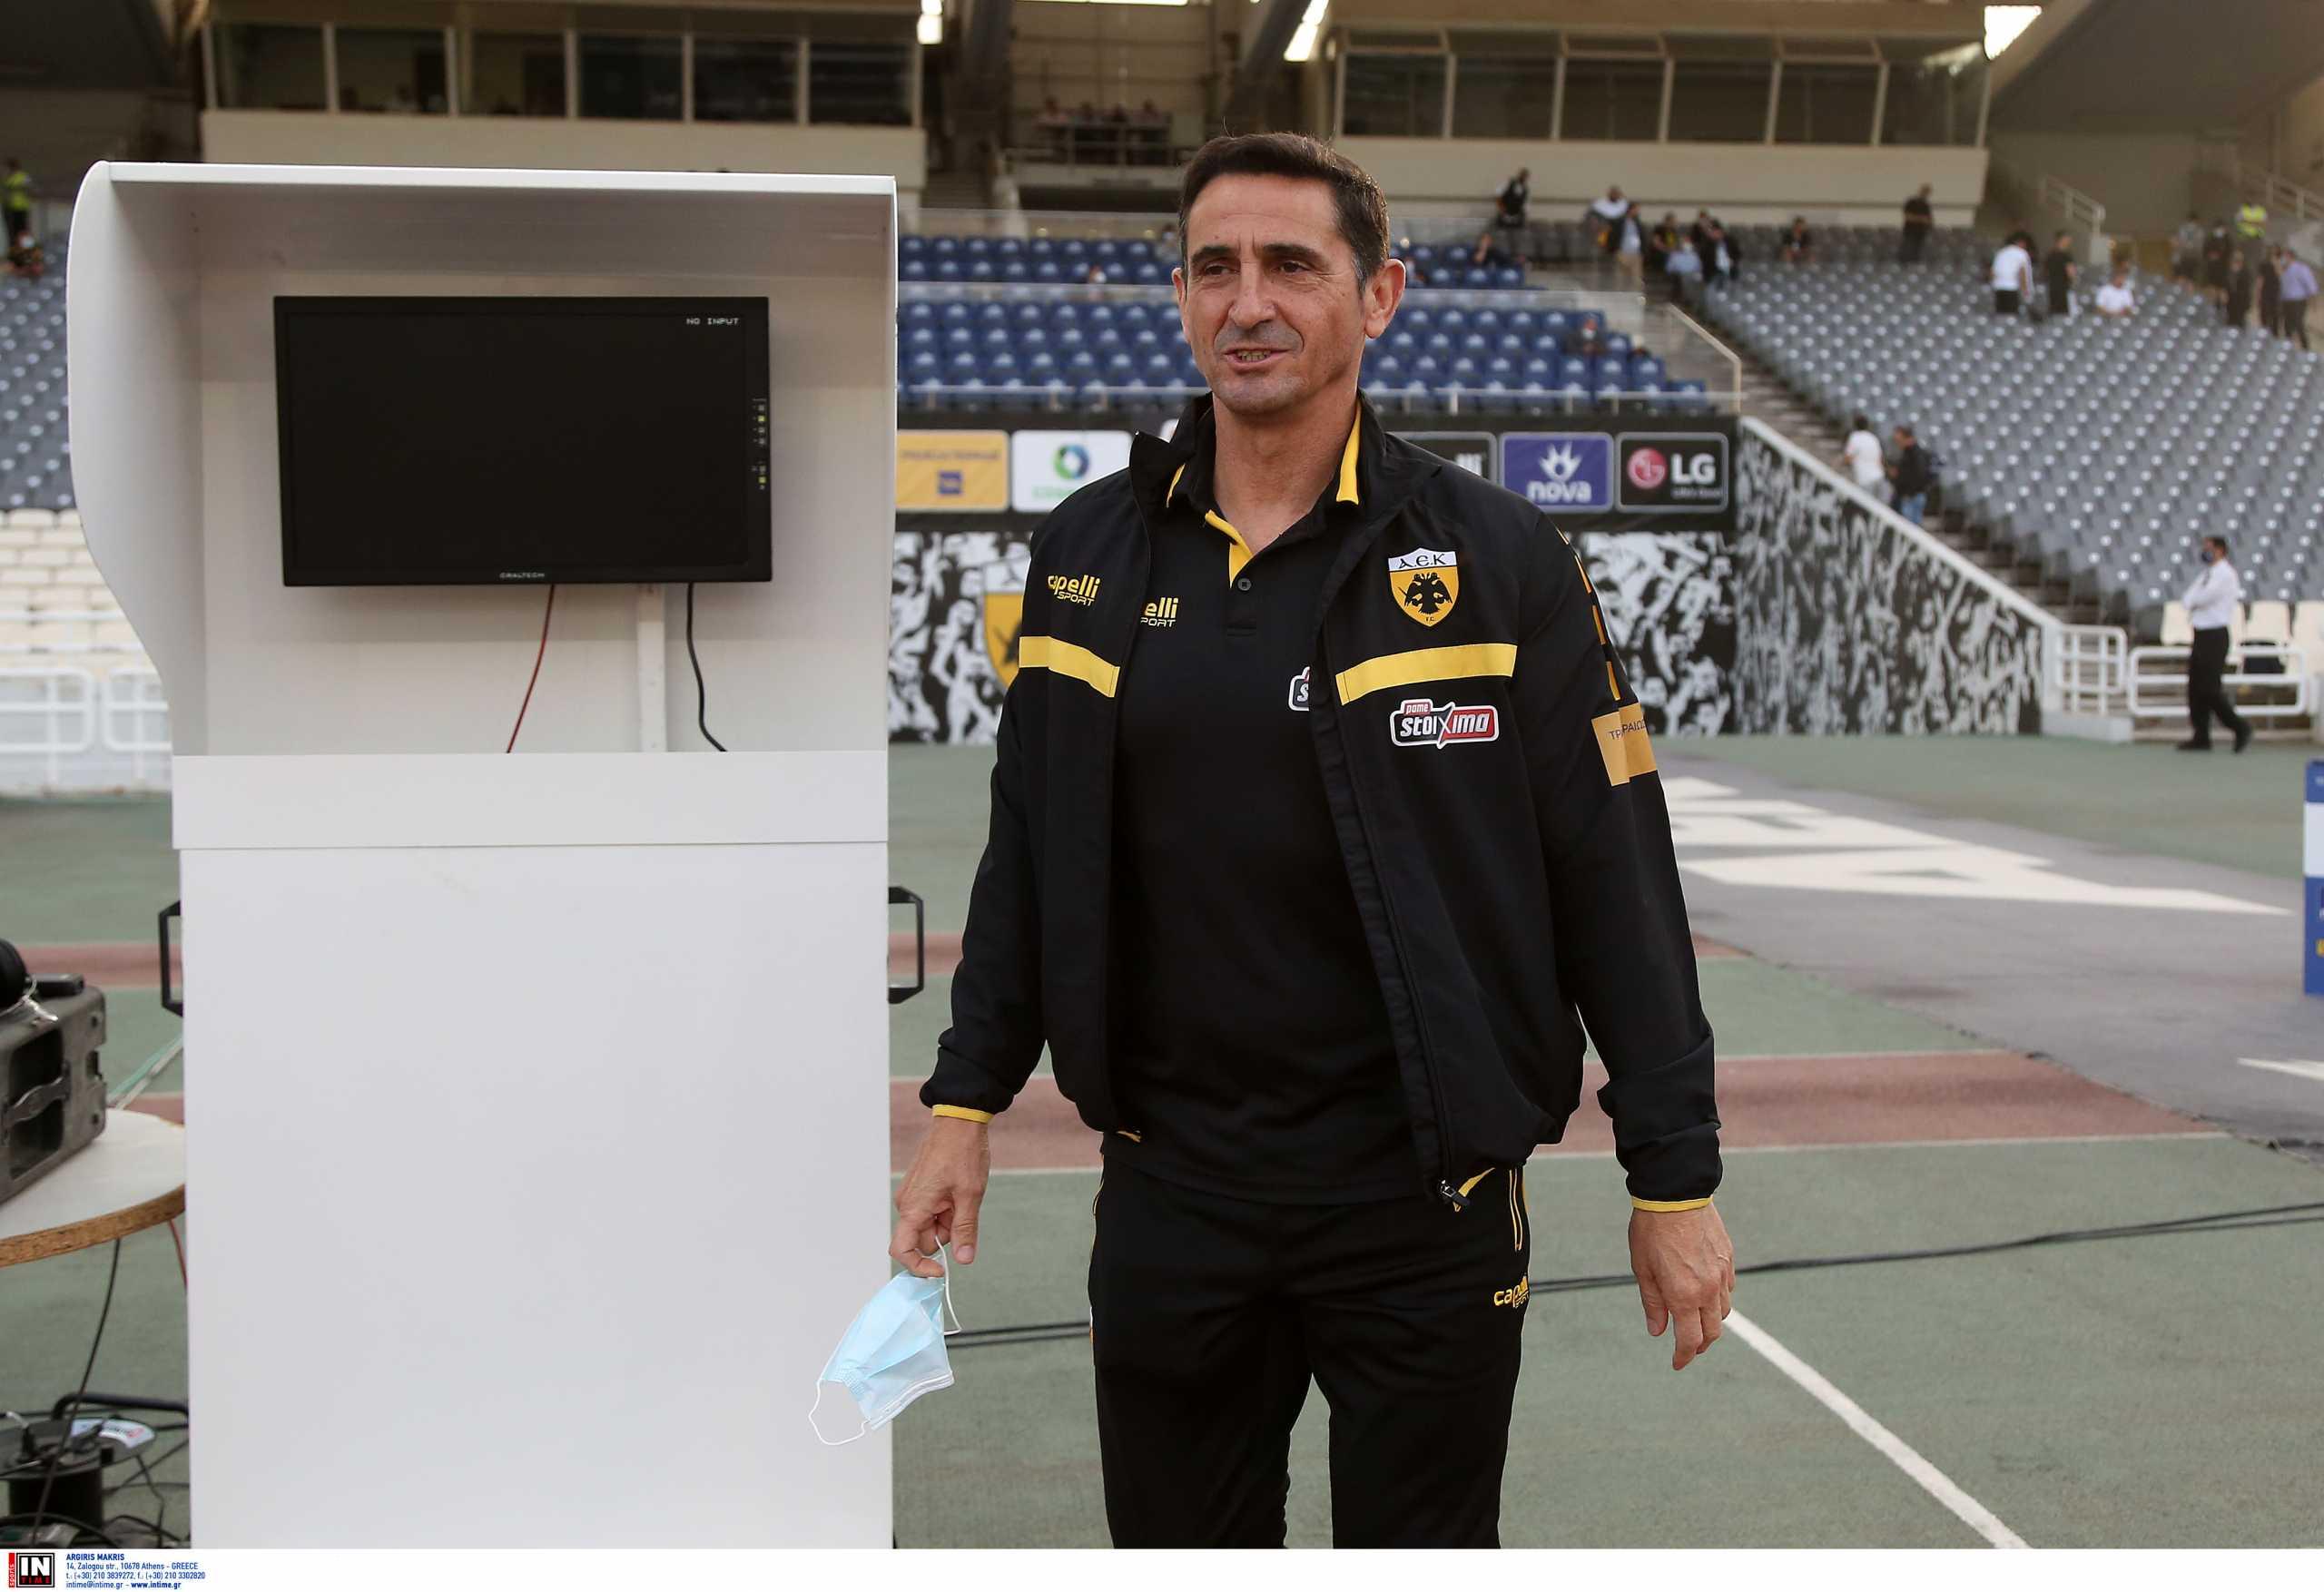 ΑΕΚ: «Ο διαιτητής δεν άφησε να παιχτεί ποδόσφαιρο στο δεύτερο ημίχρονο» δήλωσε ο Χιμένεθ